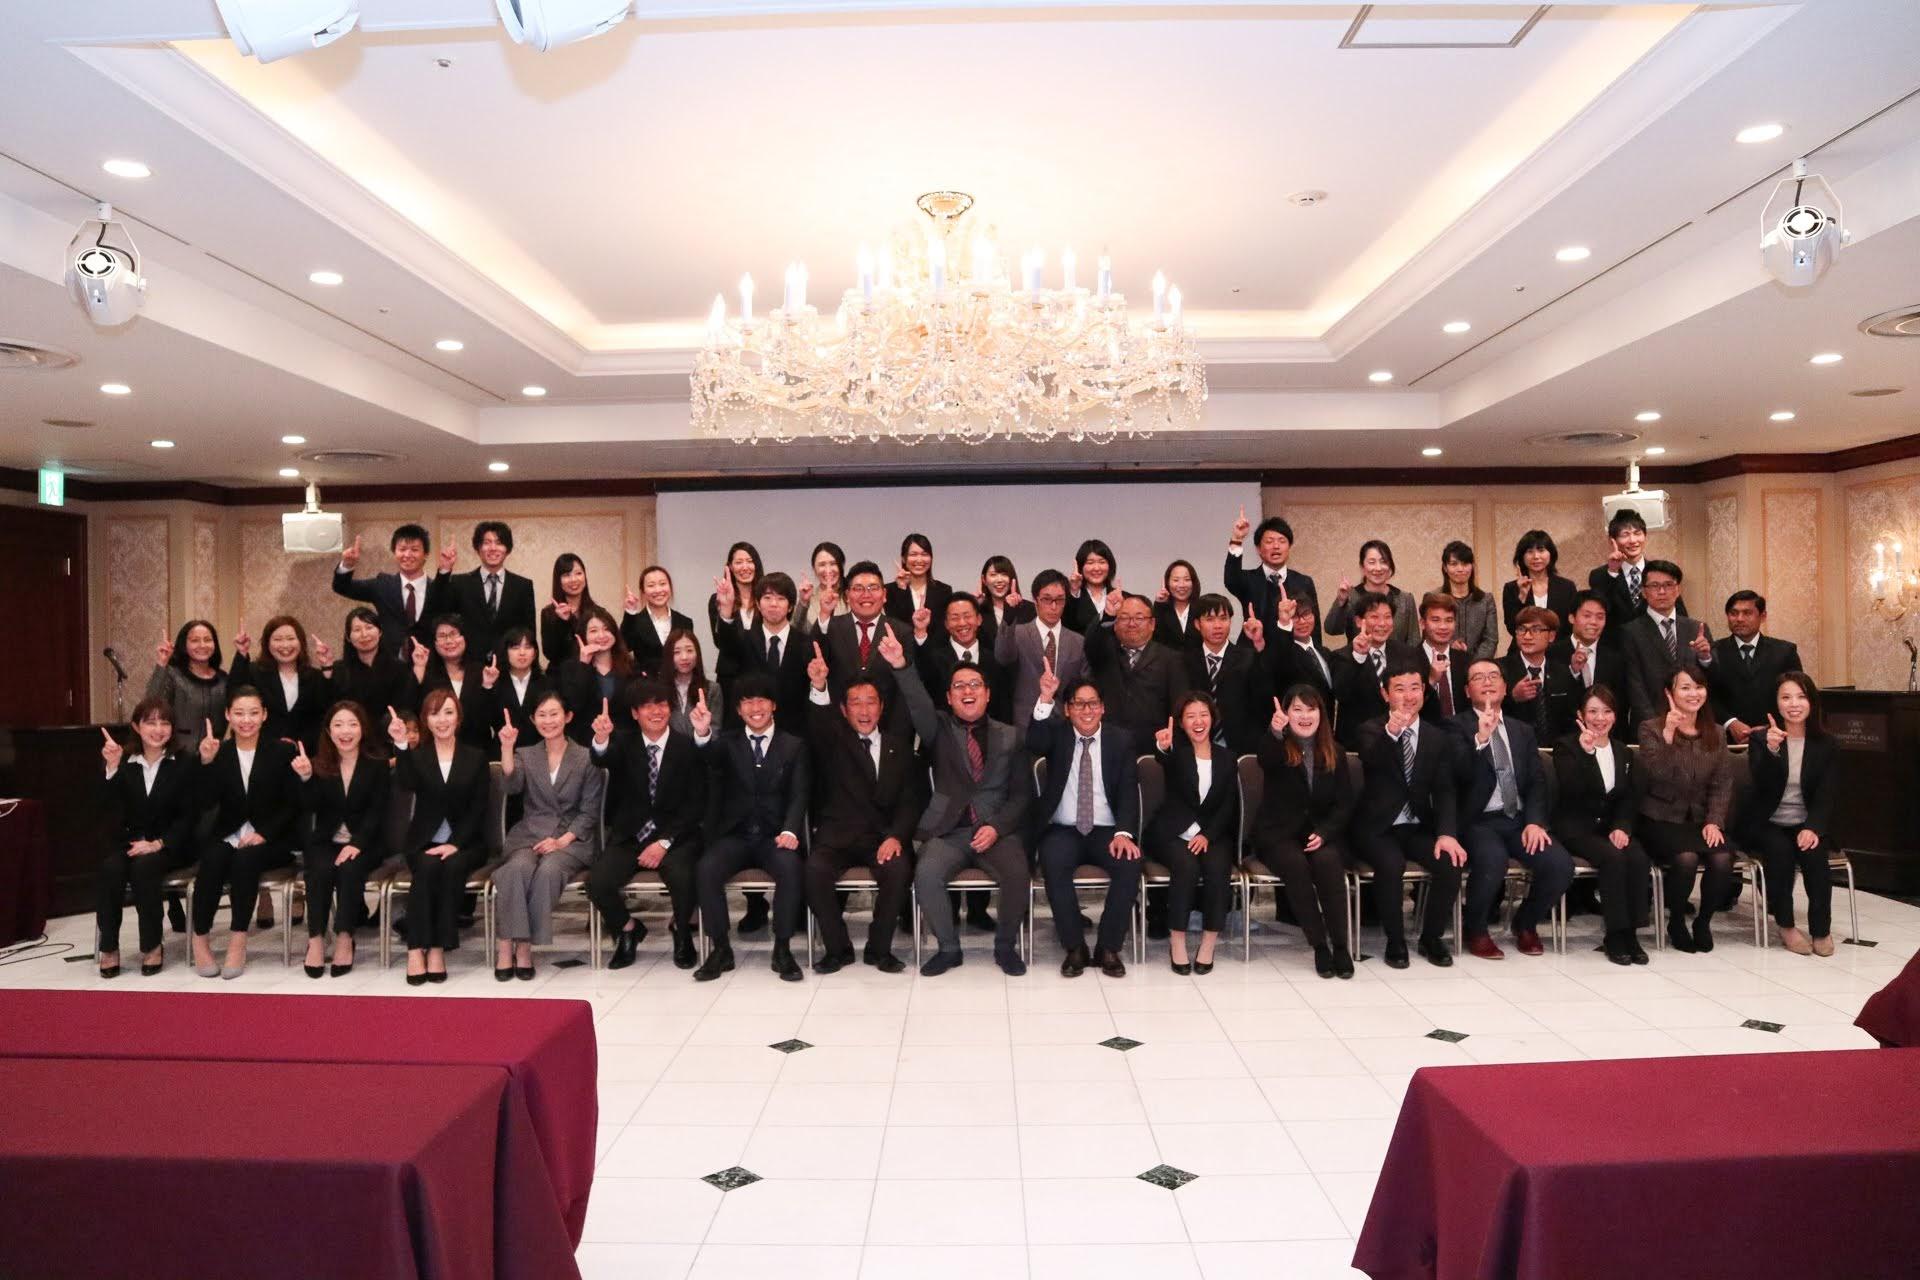 第4回 株式会社オートエボリューション社員総会☆part①のサムネイル画像